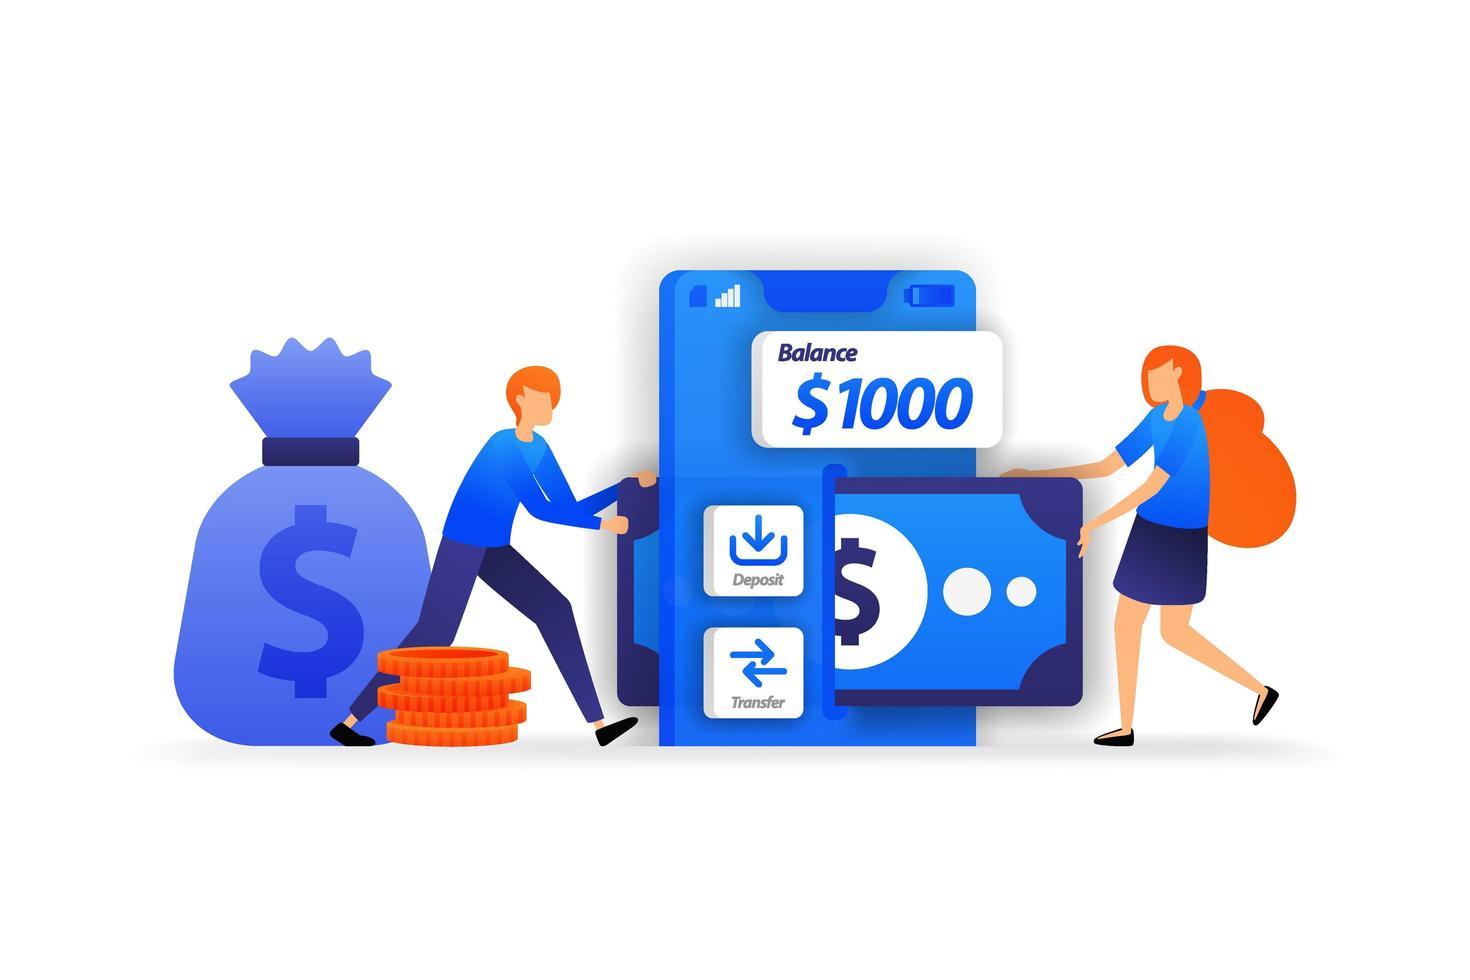 Mobile-Banking-Apps. sicherer Ort, um Geld zu sparen, fügt eine Frau Geld hinzu, um auf das Konto einzuzahlen. Geschäftsvektorillustrationskonzept für, Landing Page, Web, UI, Banner, Flyer, Poster, Vorlage, Hintergrund vektor